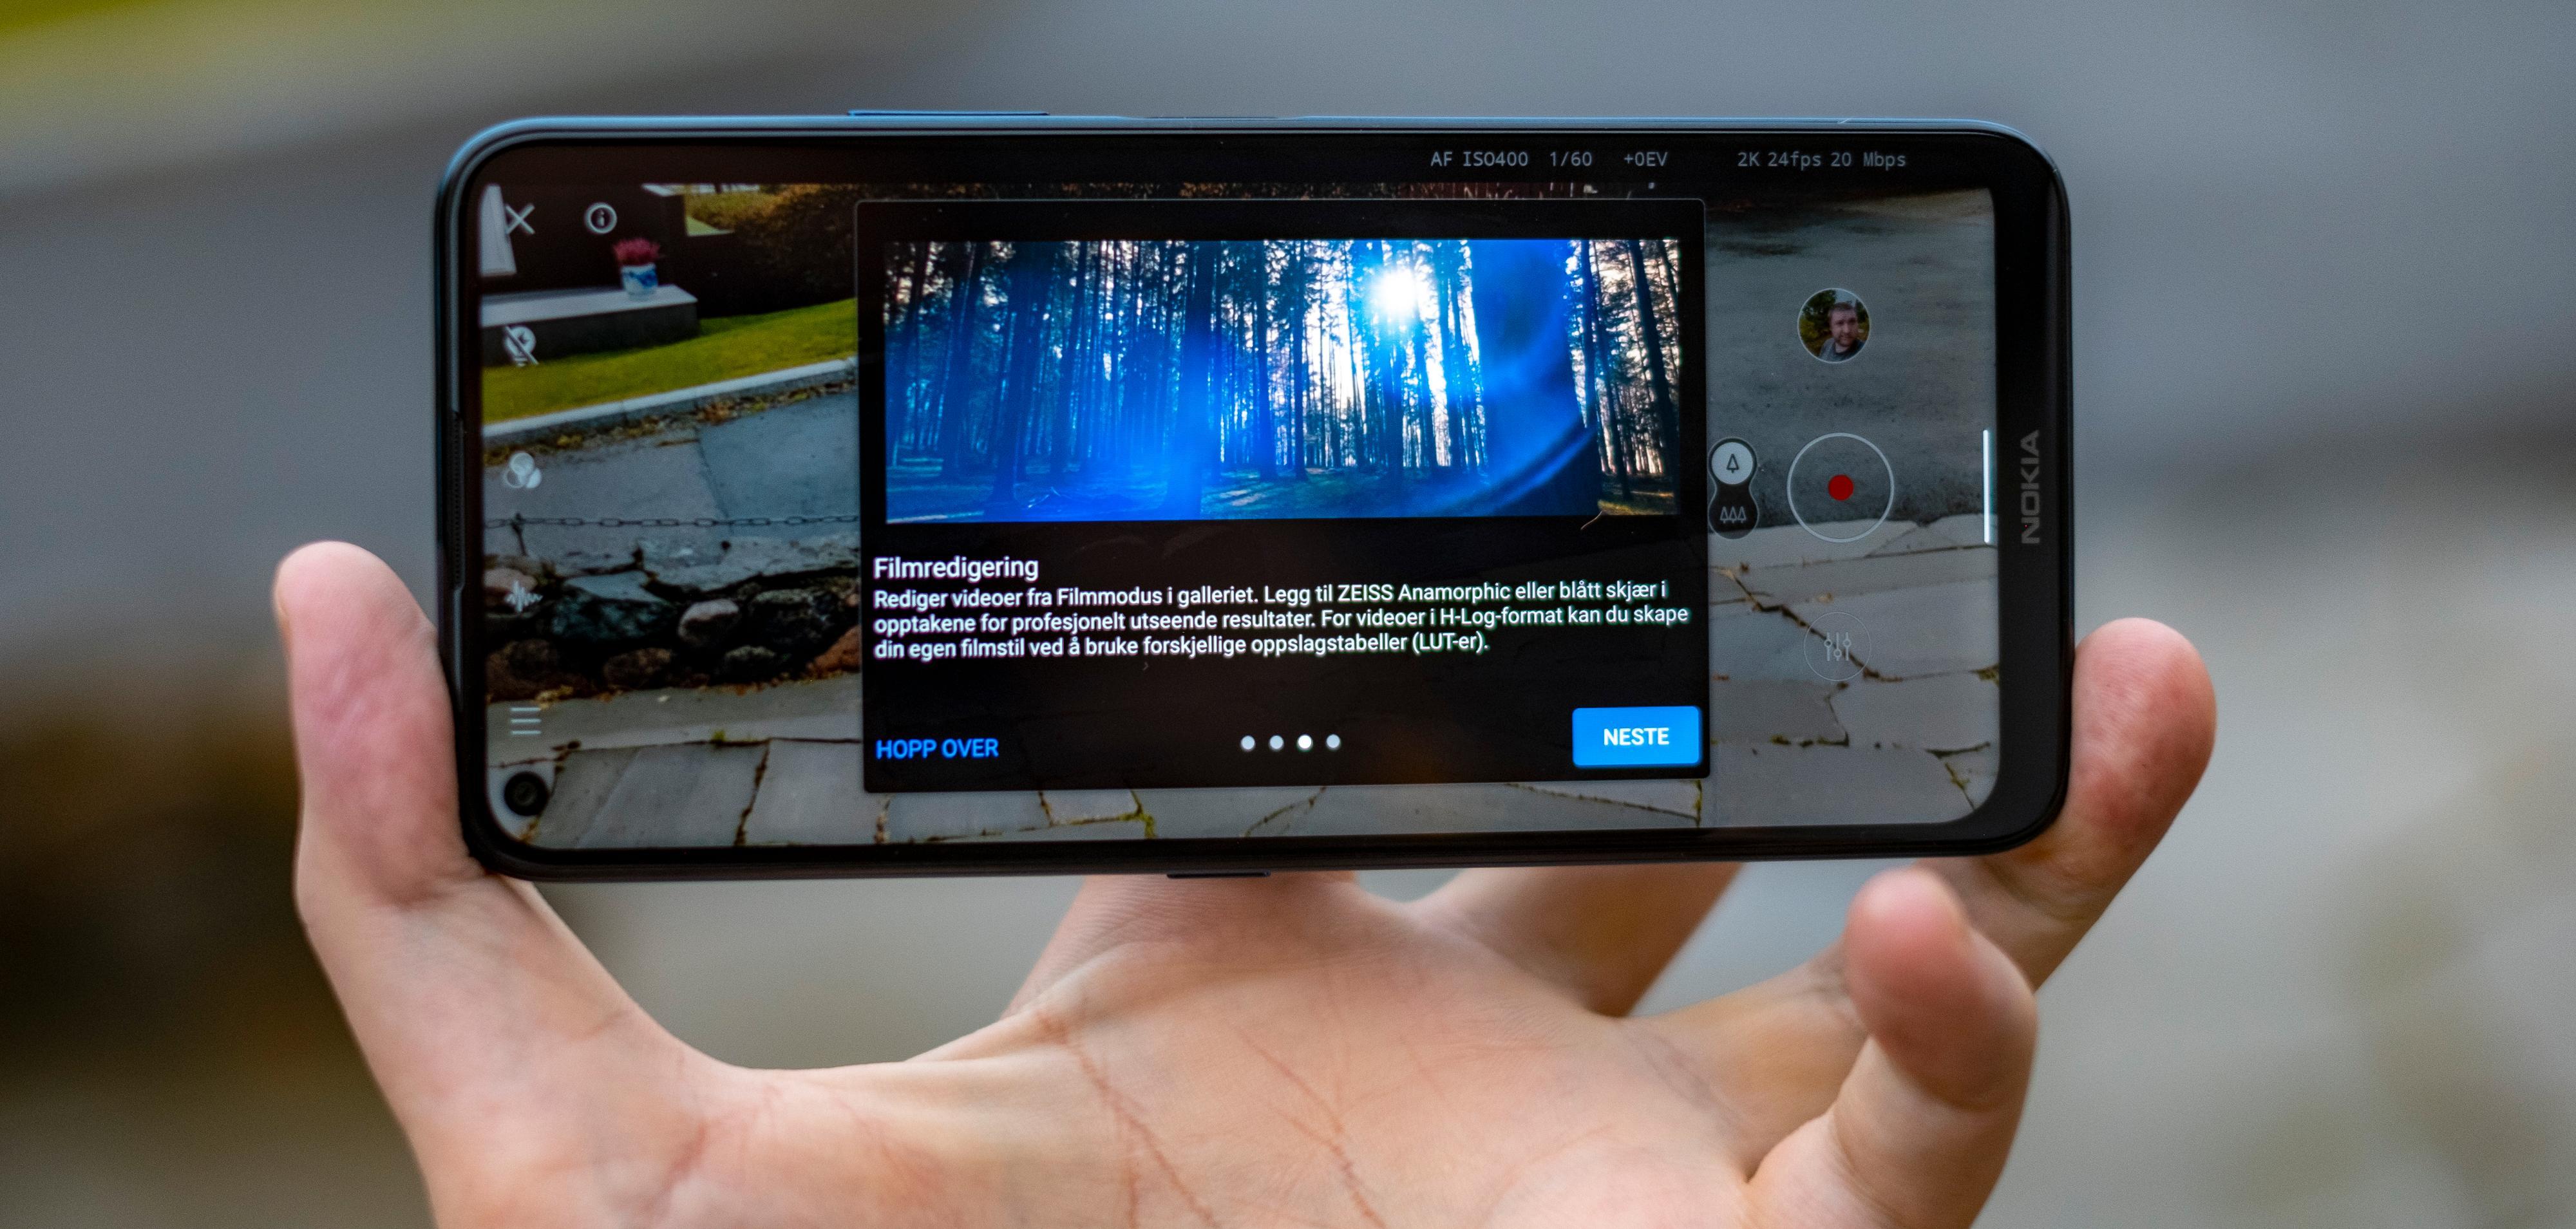 Hurra! Blåskjær i videoen. Vi gir oss ende over. Alvorlig talt; dette er ikke funksjoner det føles riktig å betale flere tusen mer for enn man må gjøre for telefoner som er bedre over det hele og mer behagelige å bruke. Men det er kanskje enkeltfunksjonen HMD/Nokia snakker mest om.